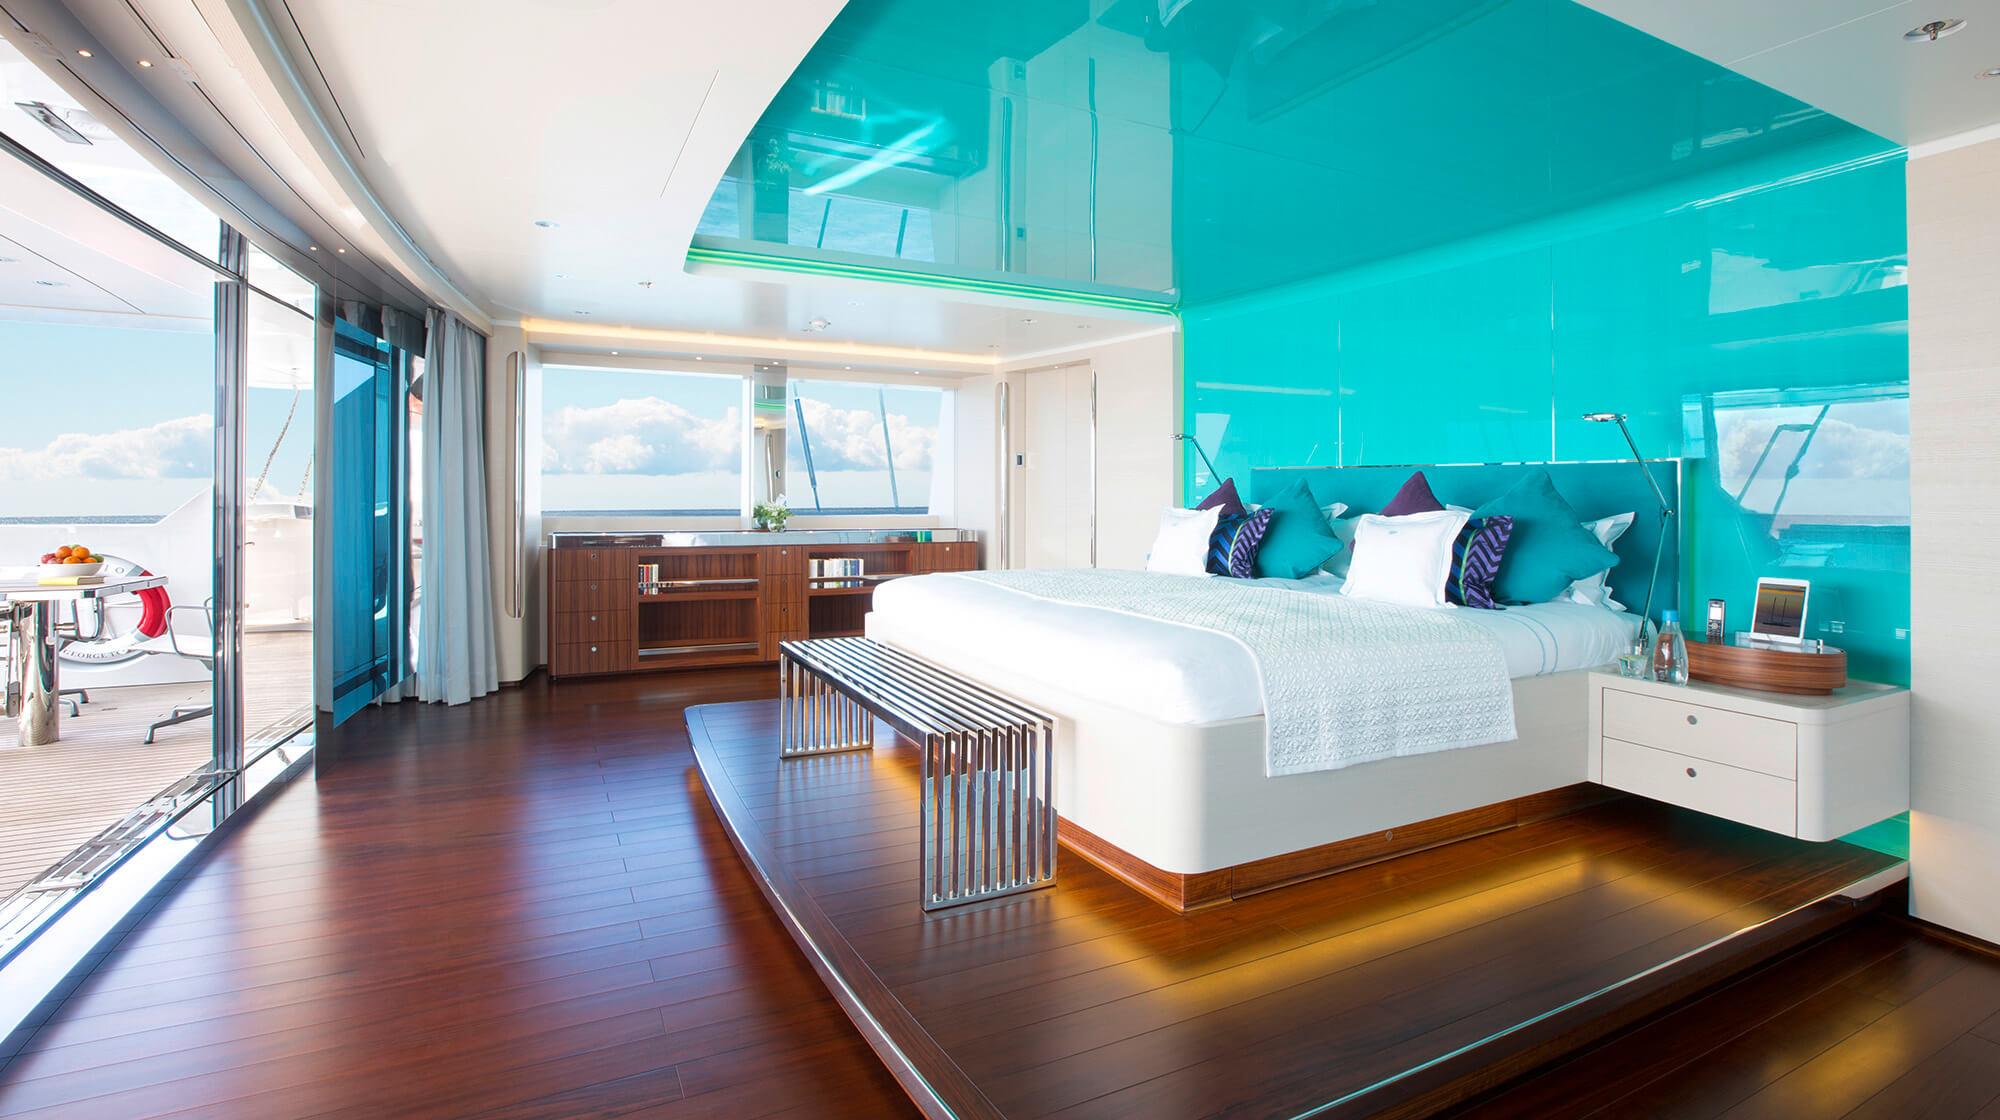 Interior Gmbh oldenburger interior gmbh co kg deutsche yachten superyacht